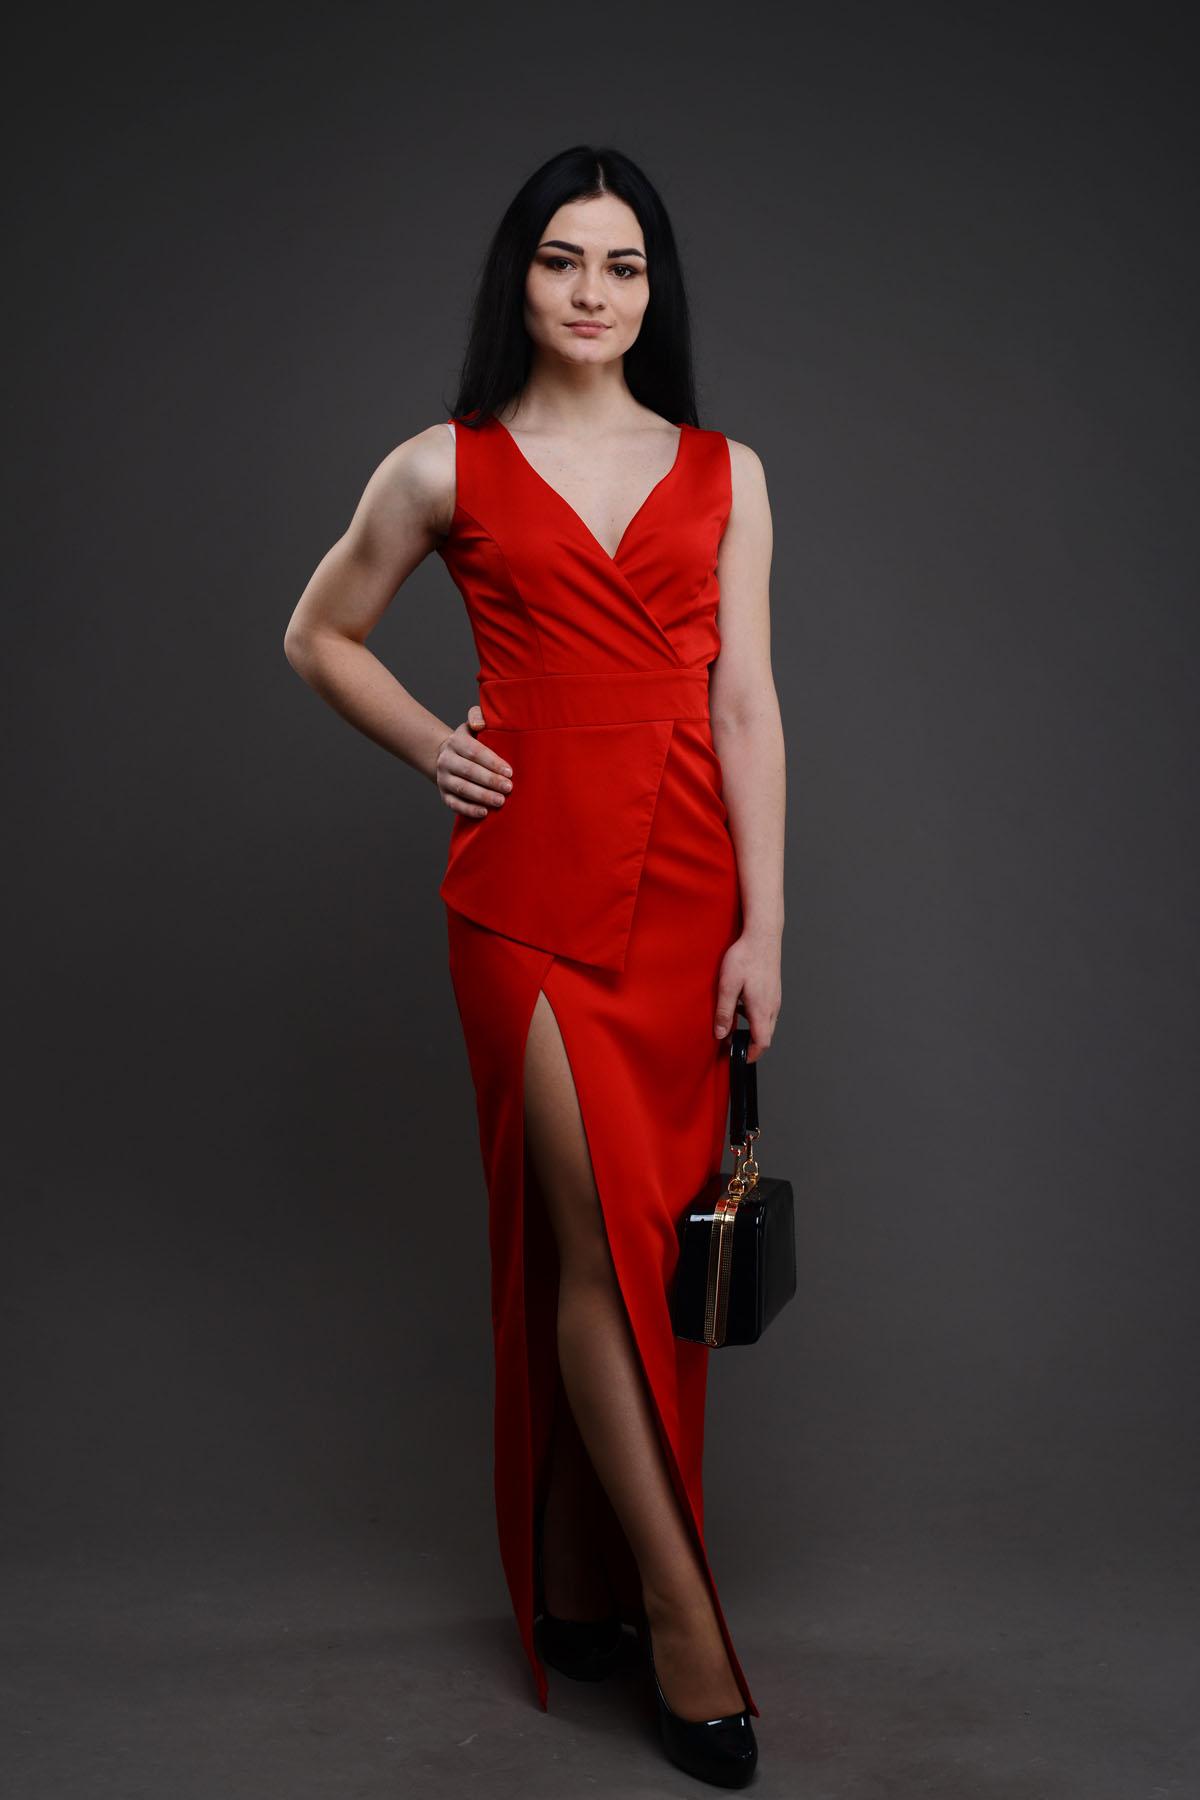 ТМ Модниця - український виробник жіночого одягу 0bbc7d218a018